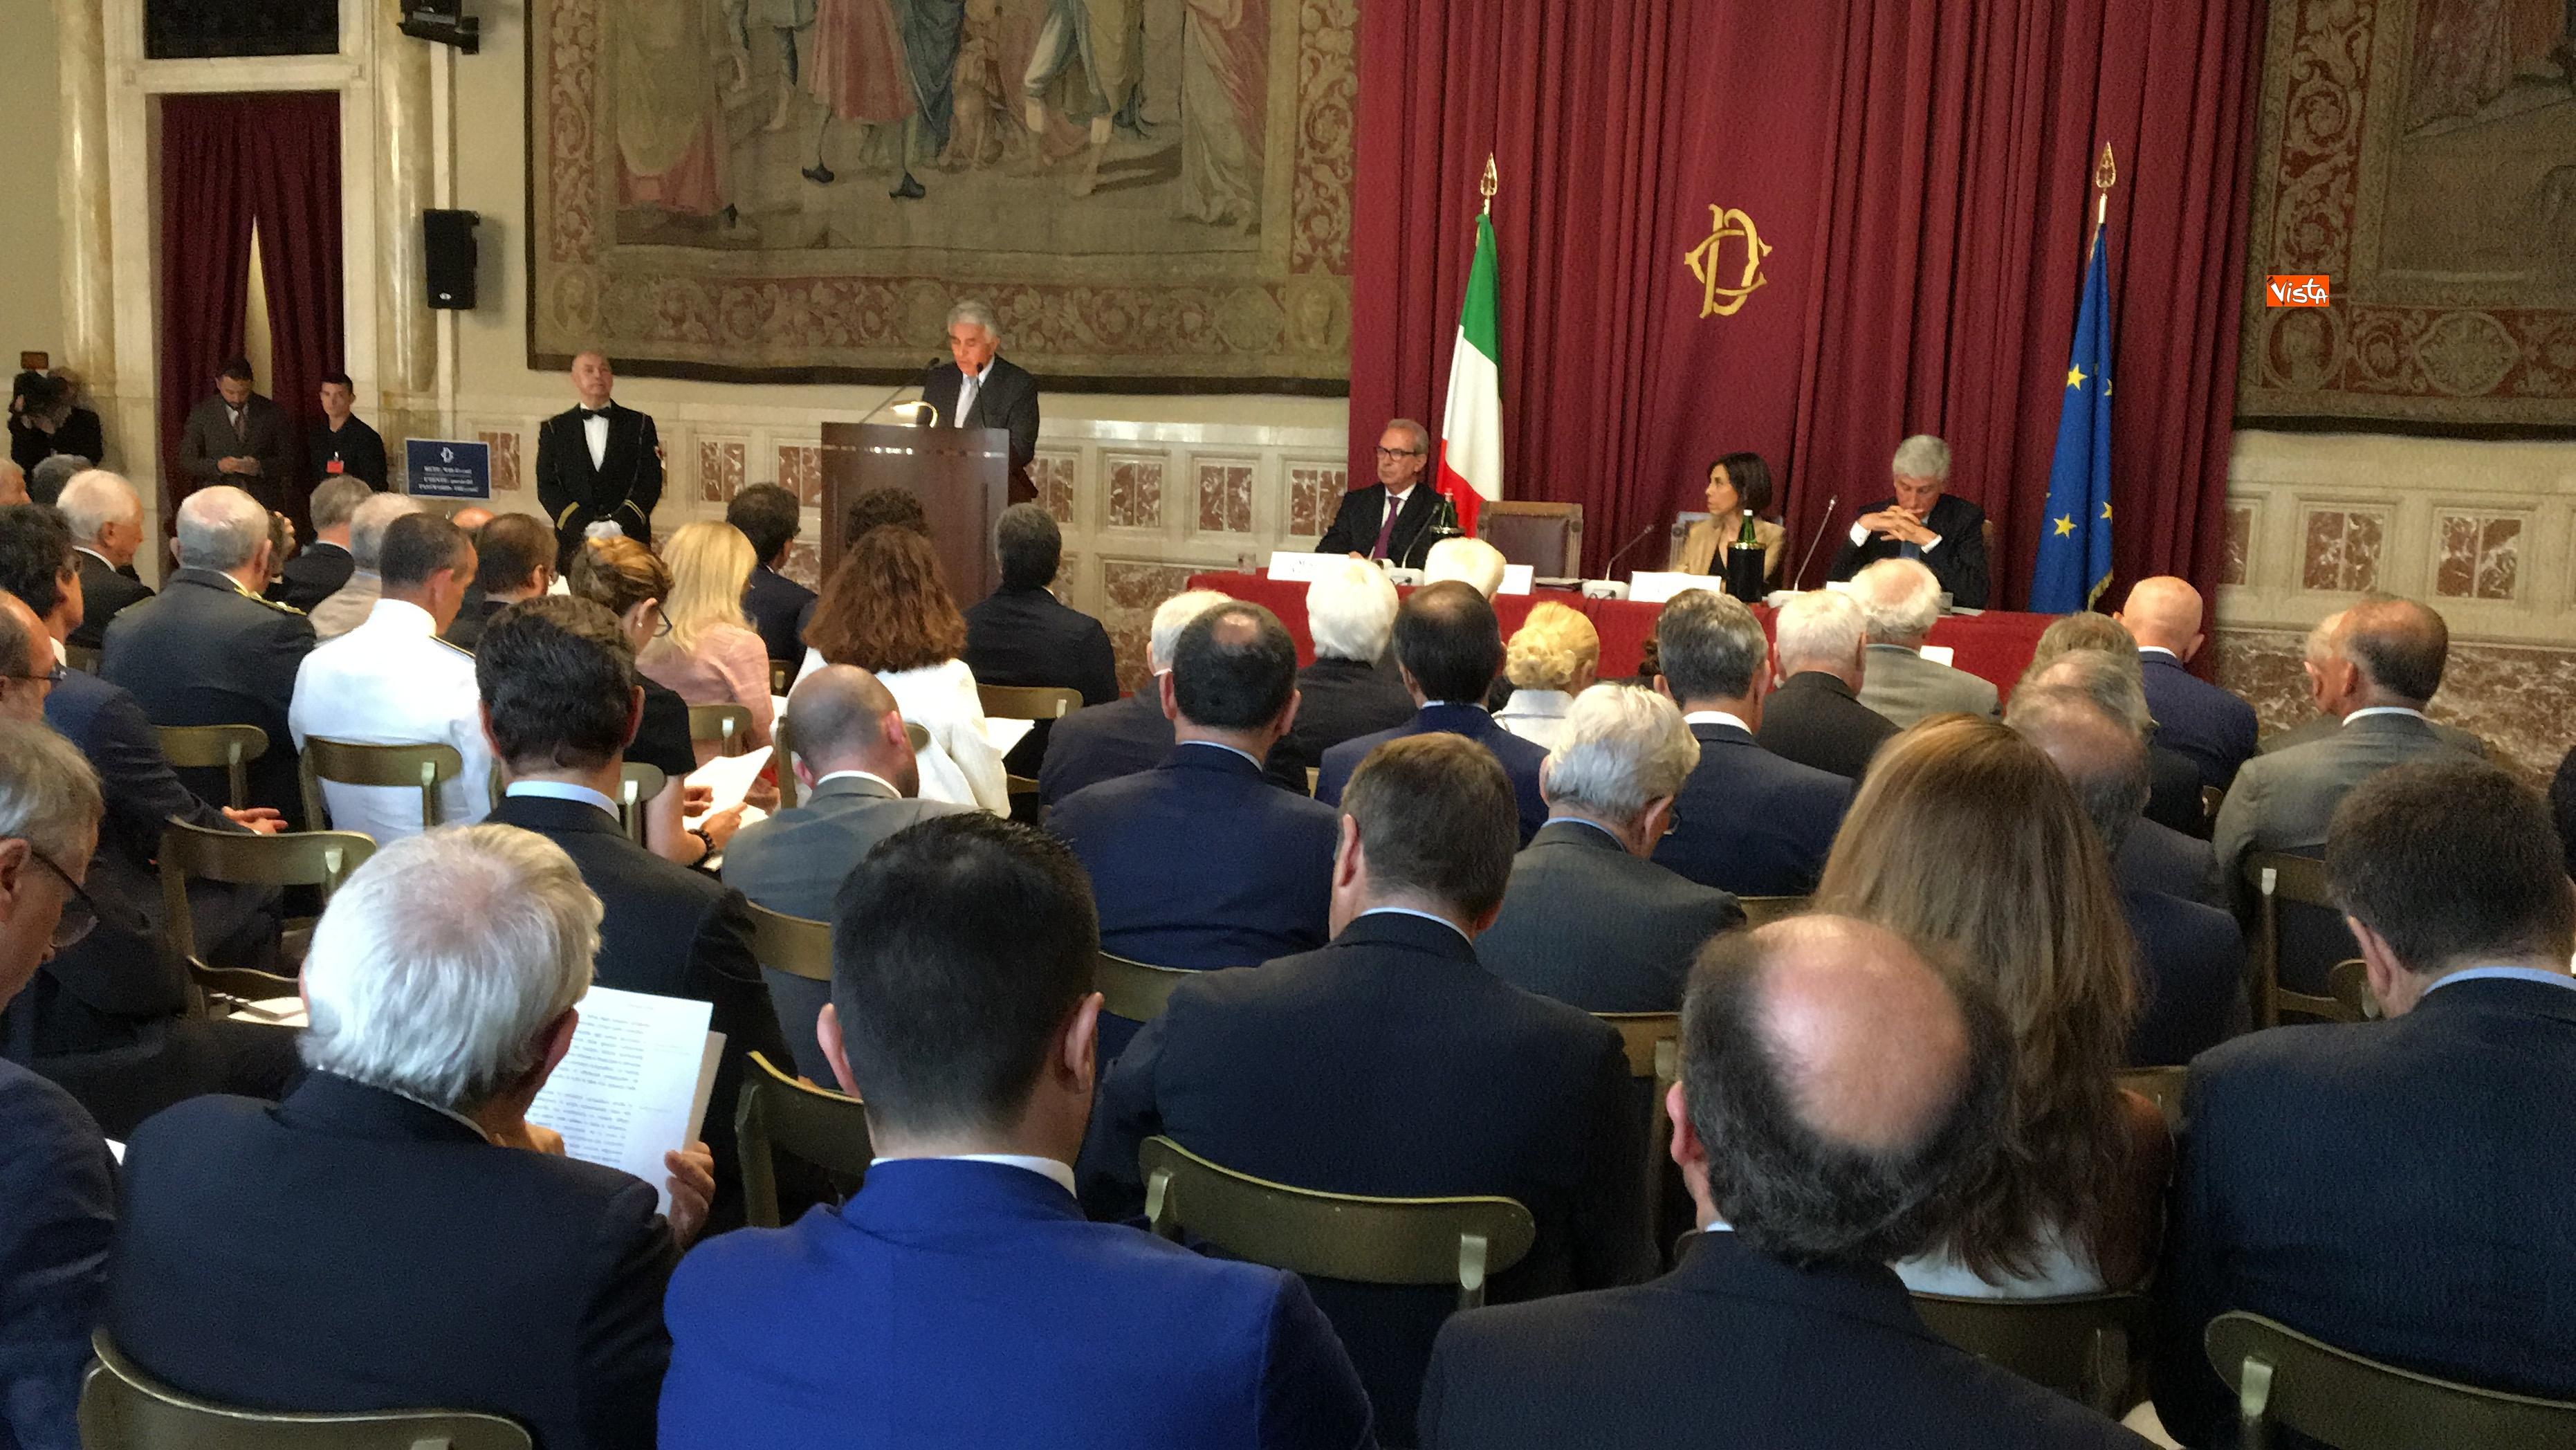 20-06-18 Autorita Trasporti la relazione annuale con Mattarella Toninelli Fico Casellati immagini_10